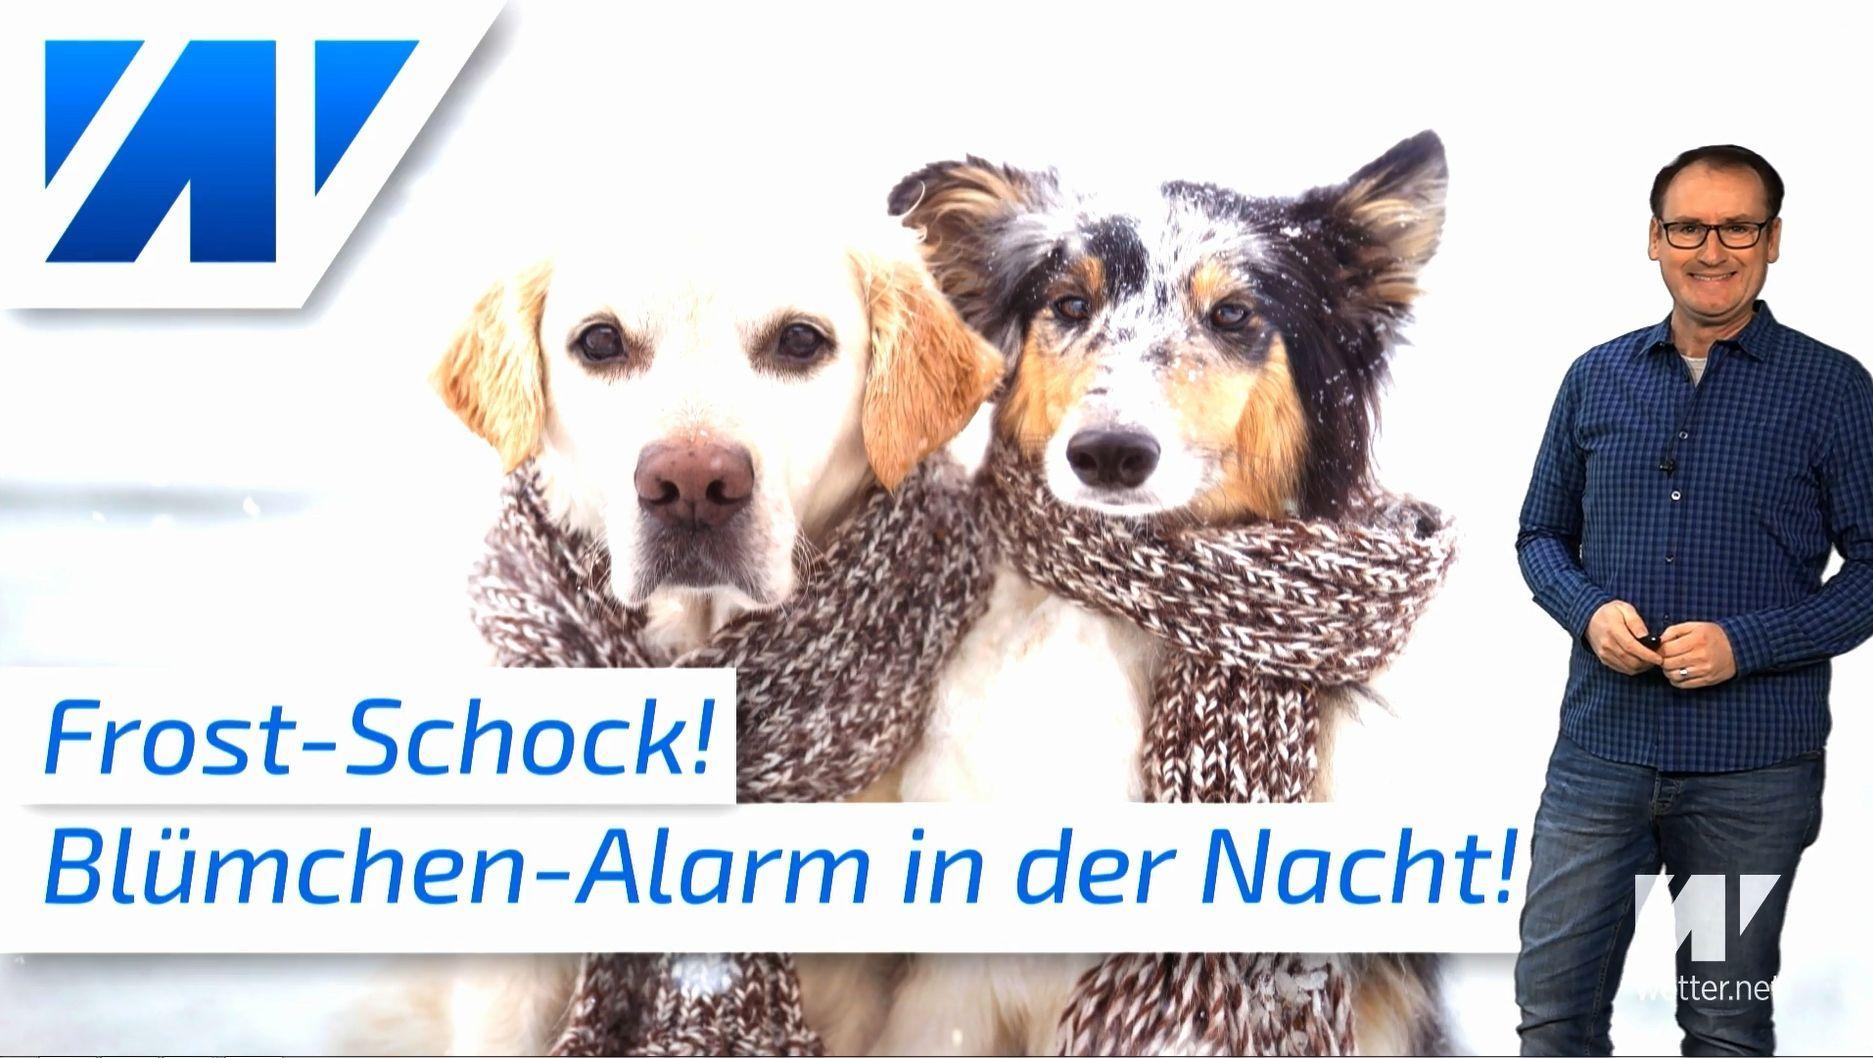 Frostschock bis minus 10 Grad! Die Temperaturen stürzen ab!